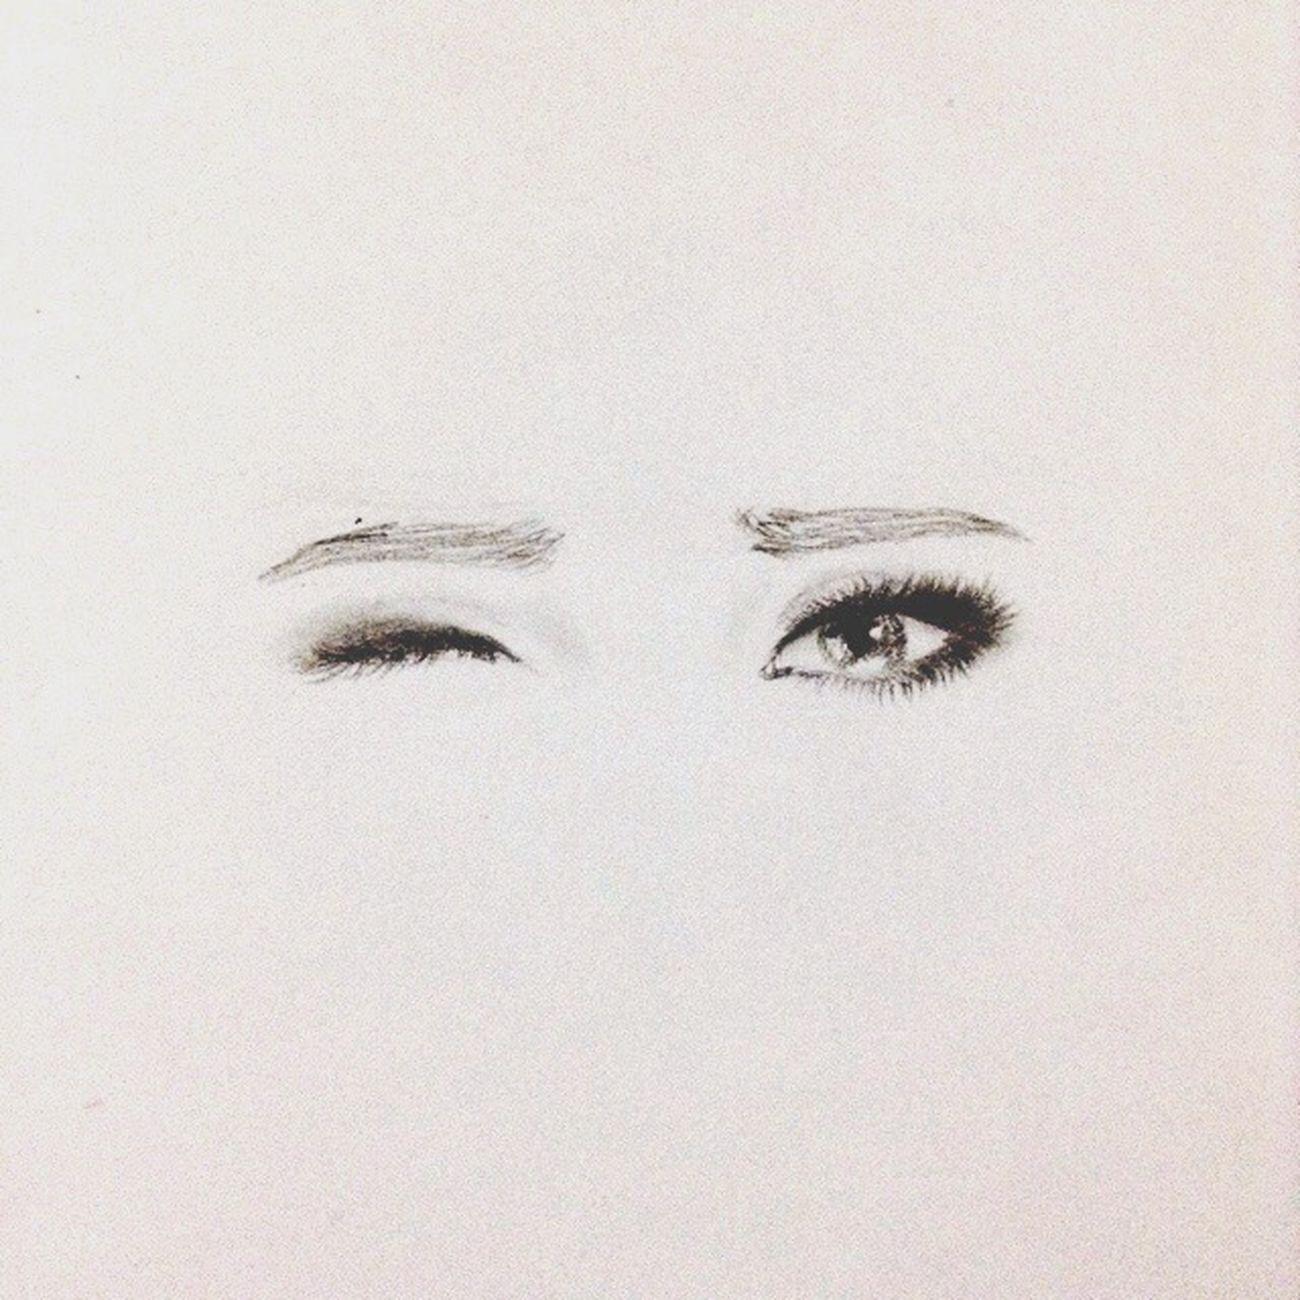 Working on something again 😄 EyeEm Eyes Wink Drawing Sketch